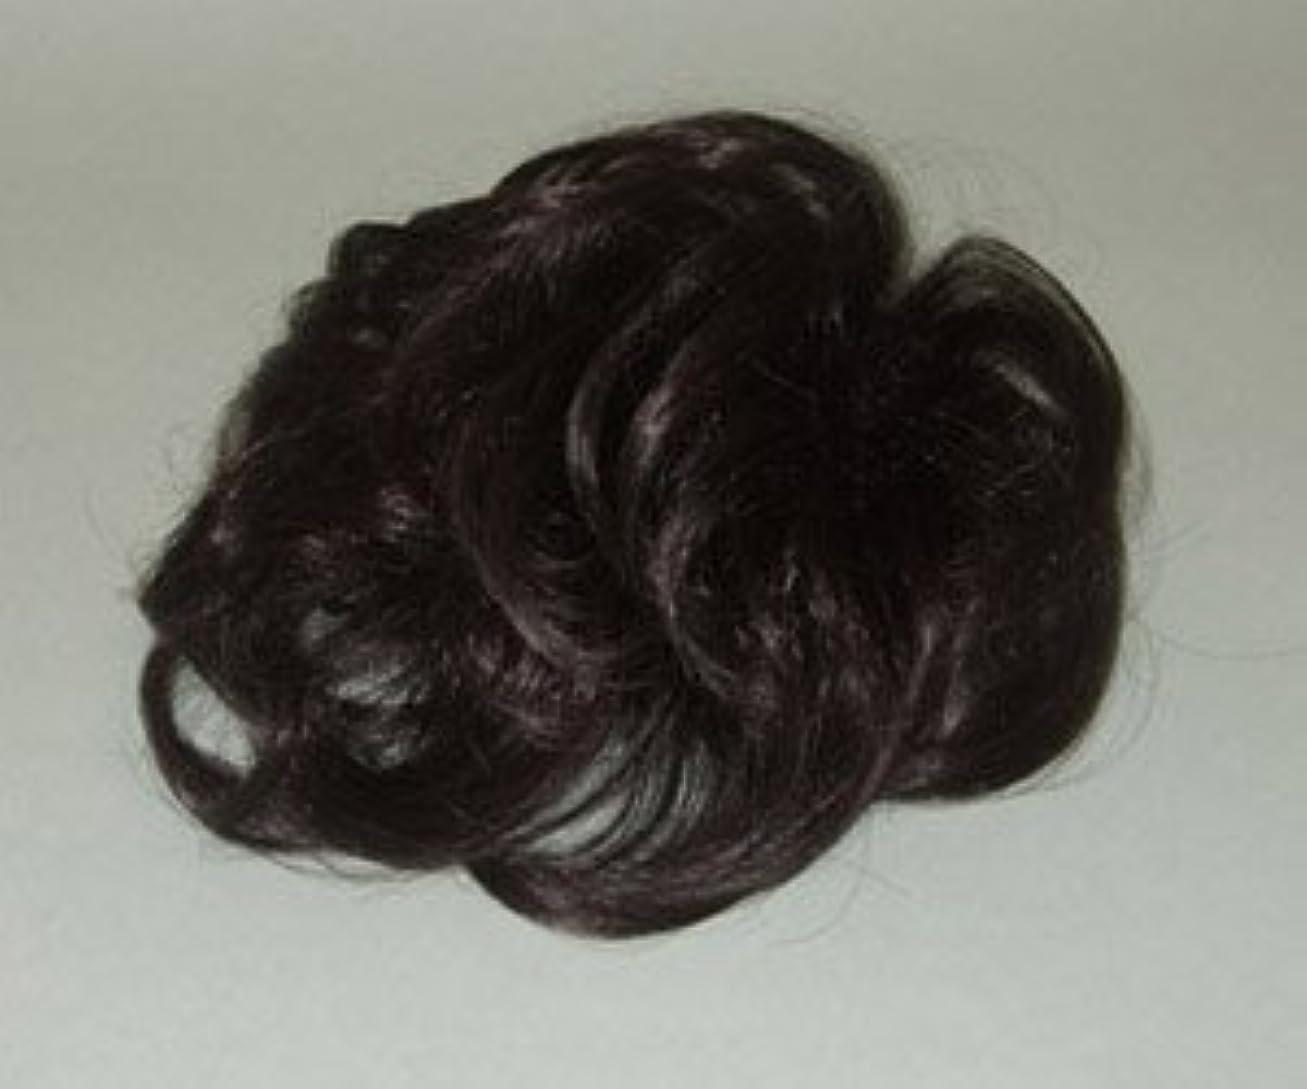 継続中バランスエジプト富士パックス販売 ボンヘアー BON HAIR (ボリュームアップタイプ) ブラウン